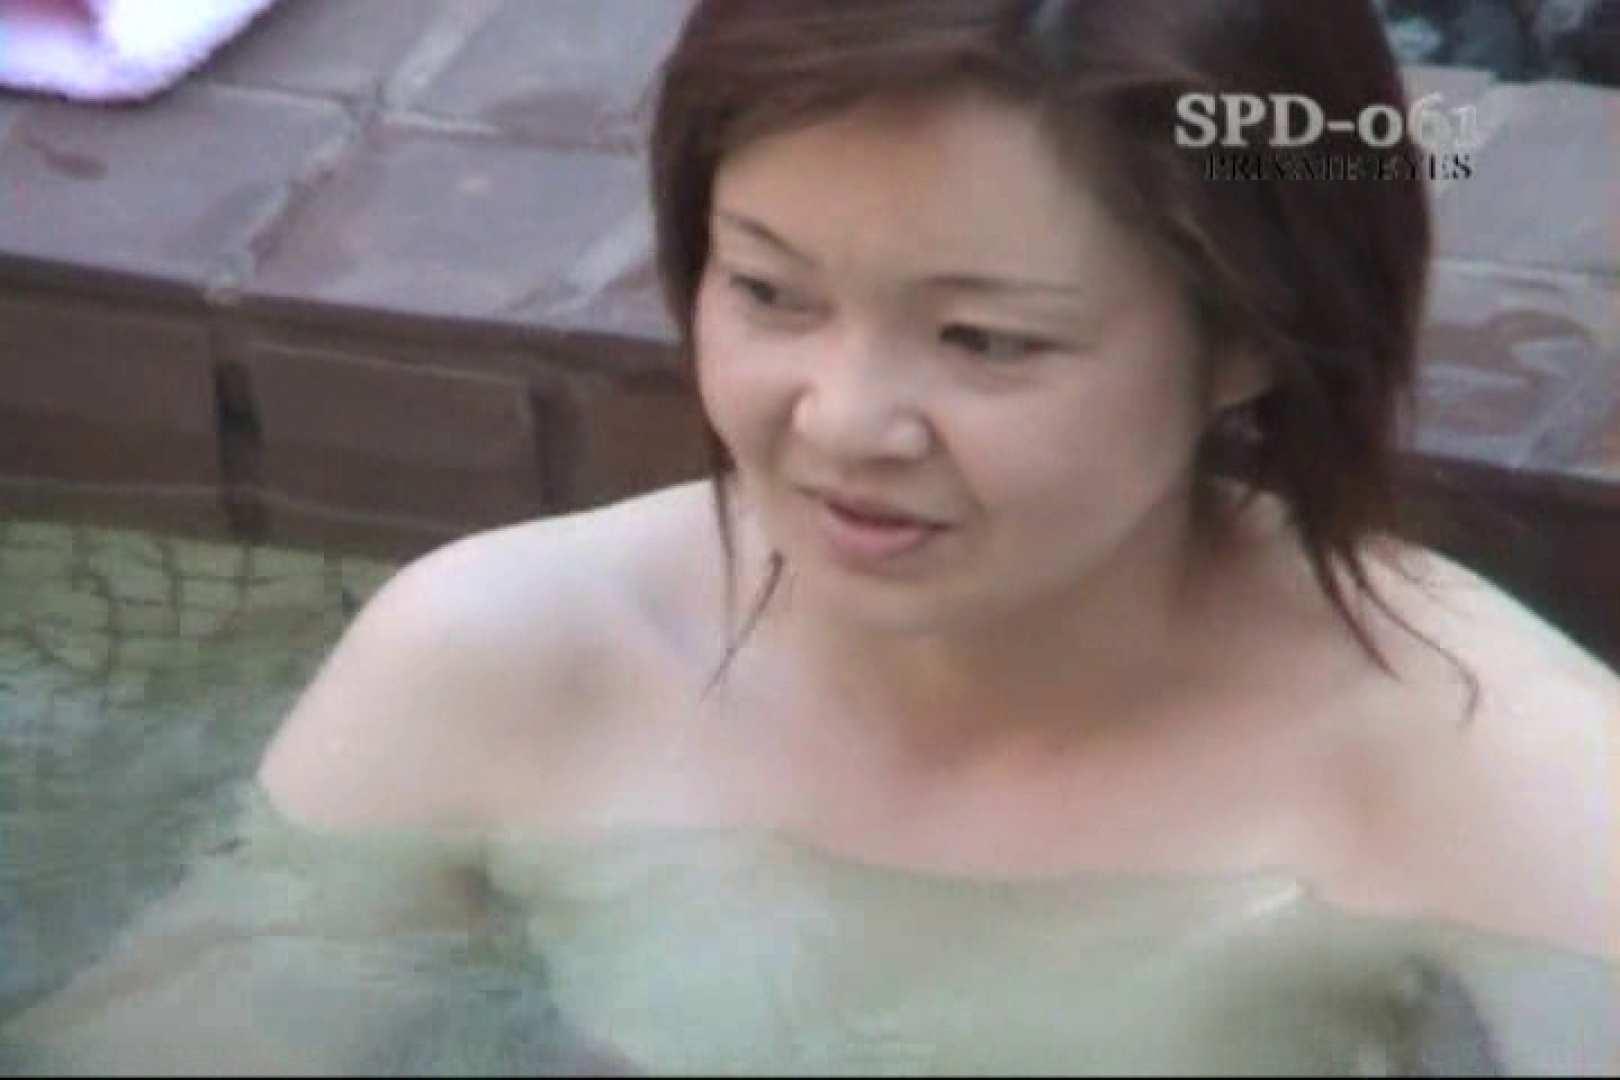 高画質版!SPD-061 新・露天浴場 8 人妻編 プライベート  87Pix 16